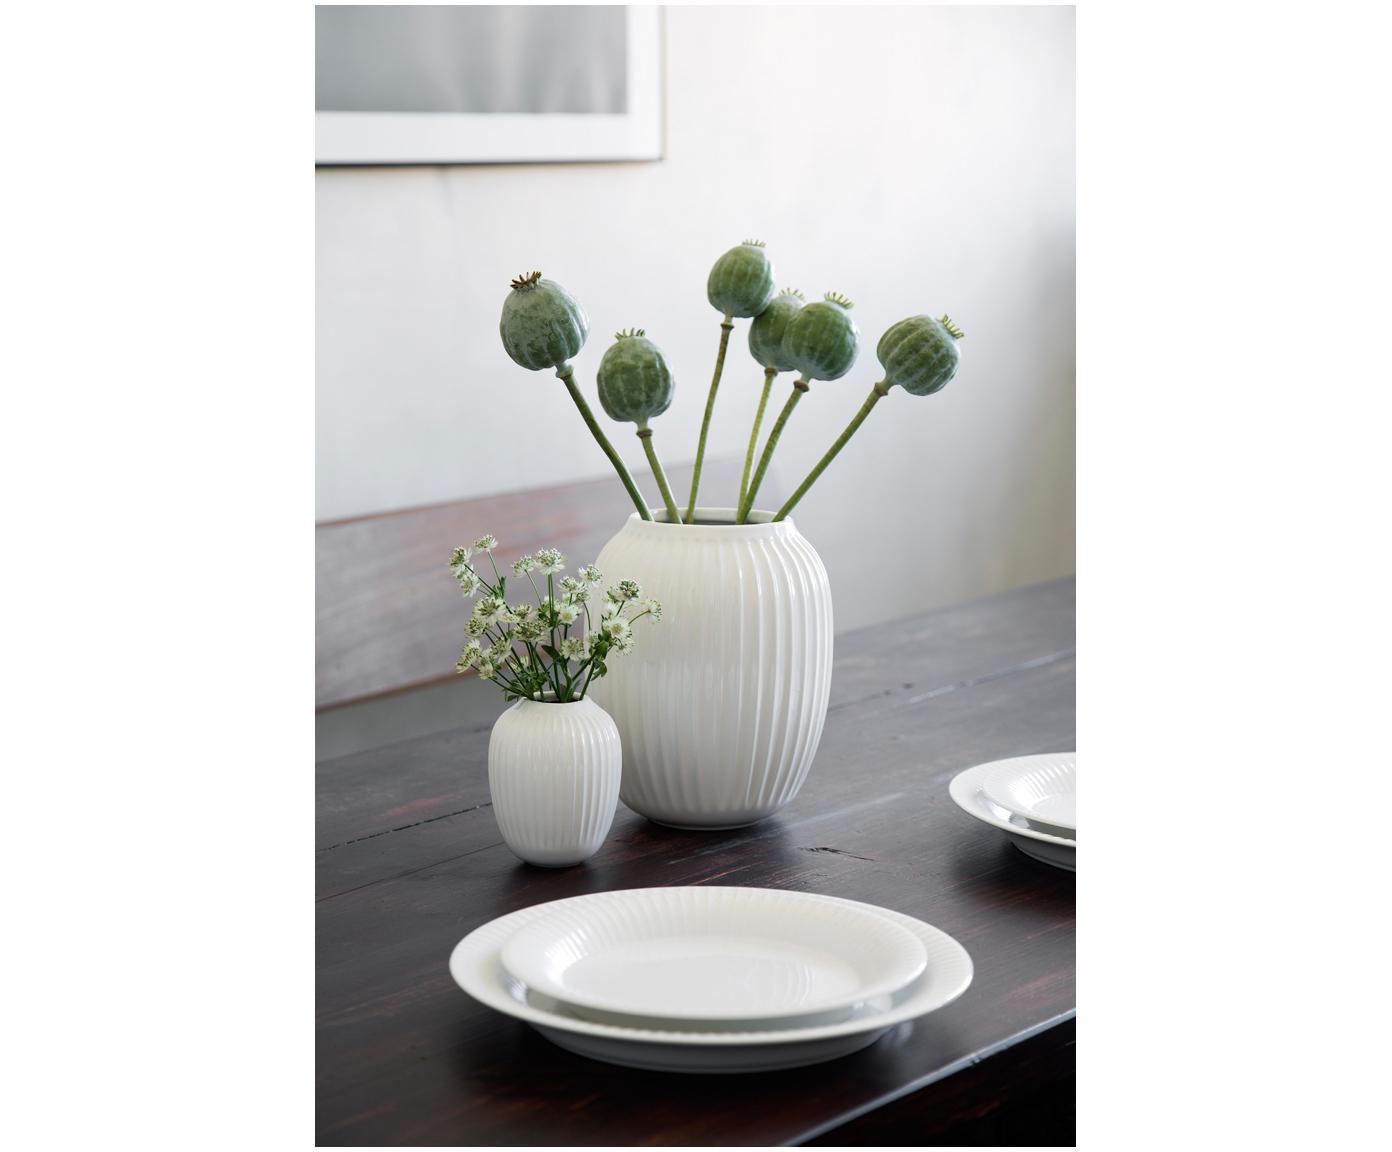 Handgefertigte Design-Vase Hammershøi, Porzellan, Weiß, Ø 17 x H 20 cm